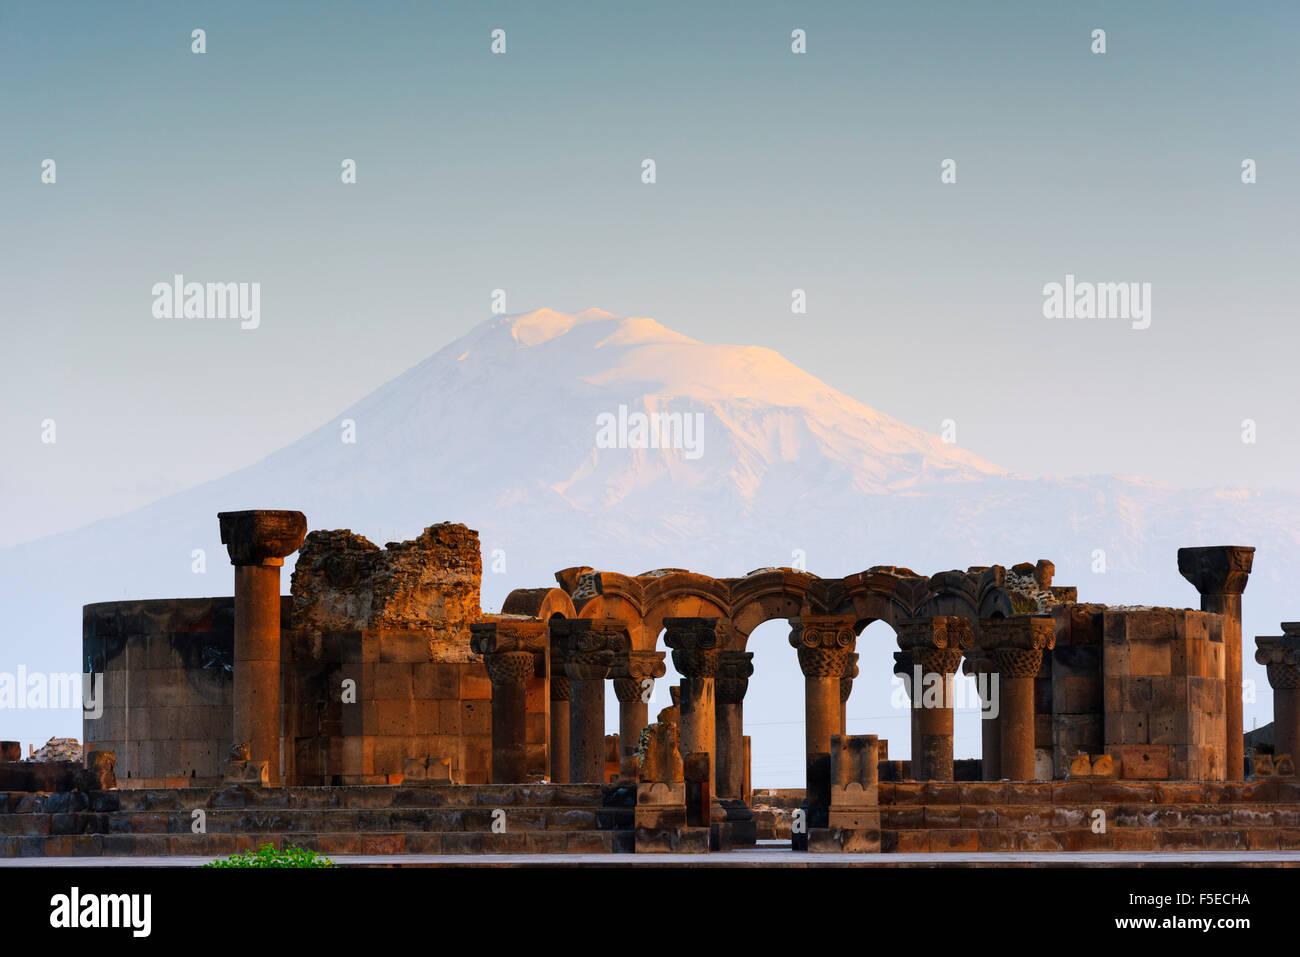 Arqueológico Zvartnots Ruína arqueológica, Local de Património Mundial da UNESCO, Monte Ararat Imagens de Stock